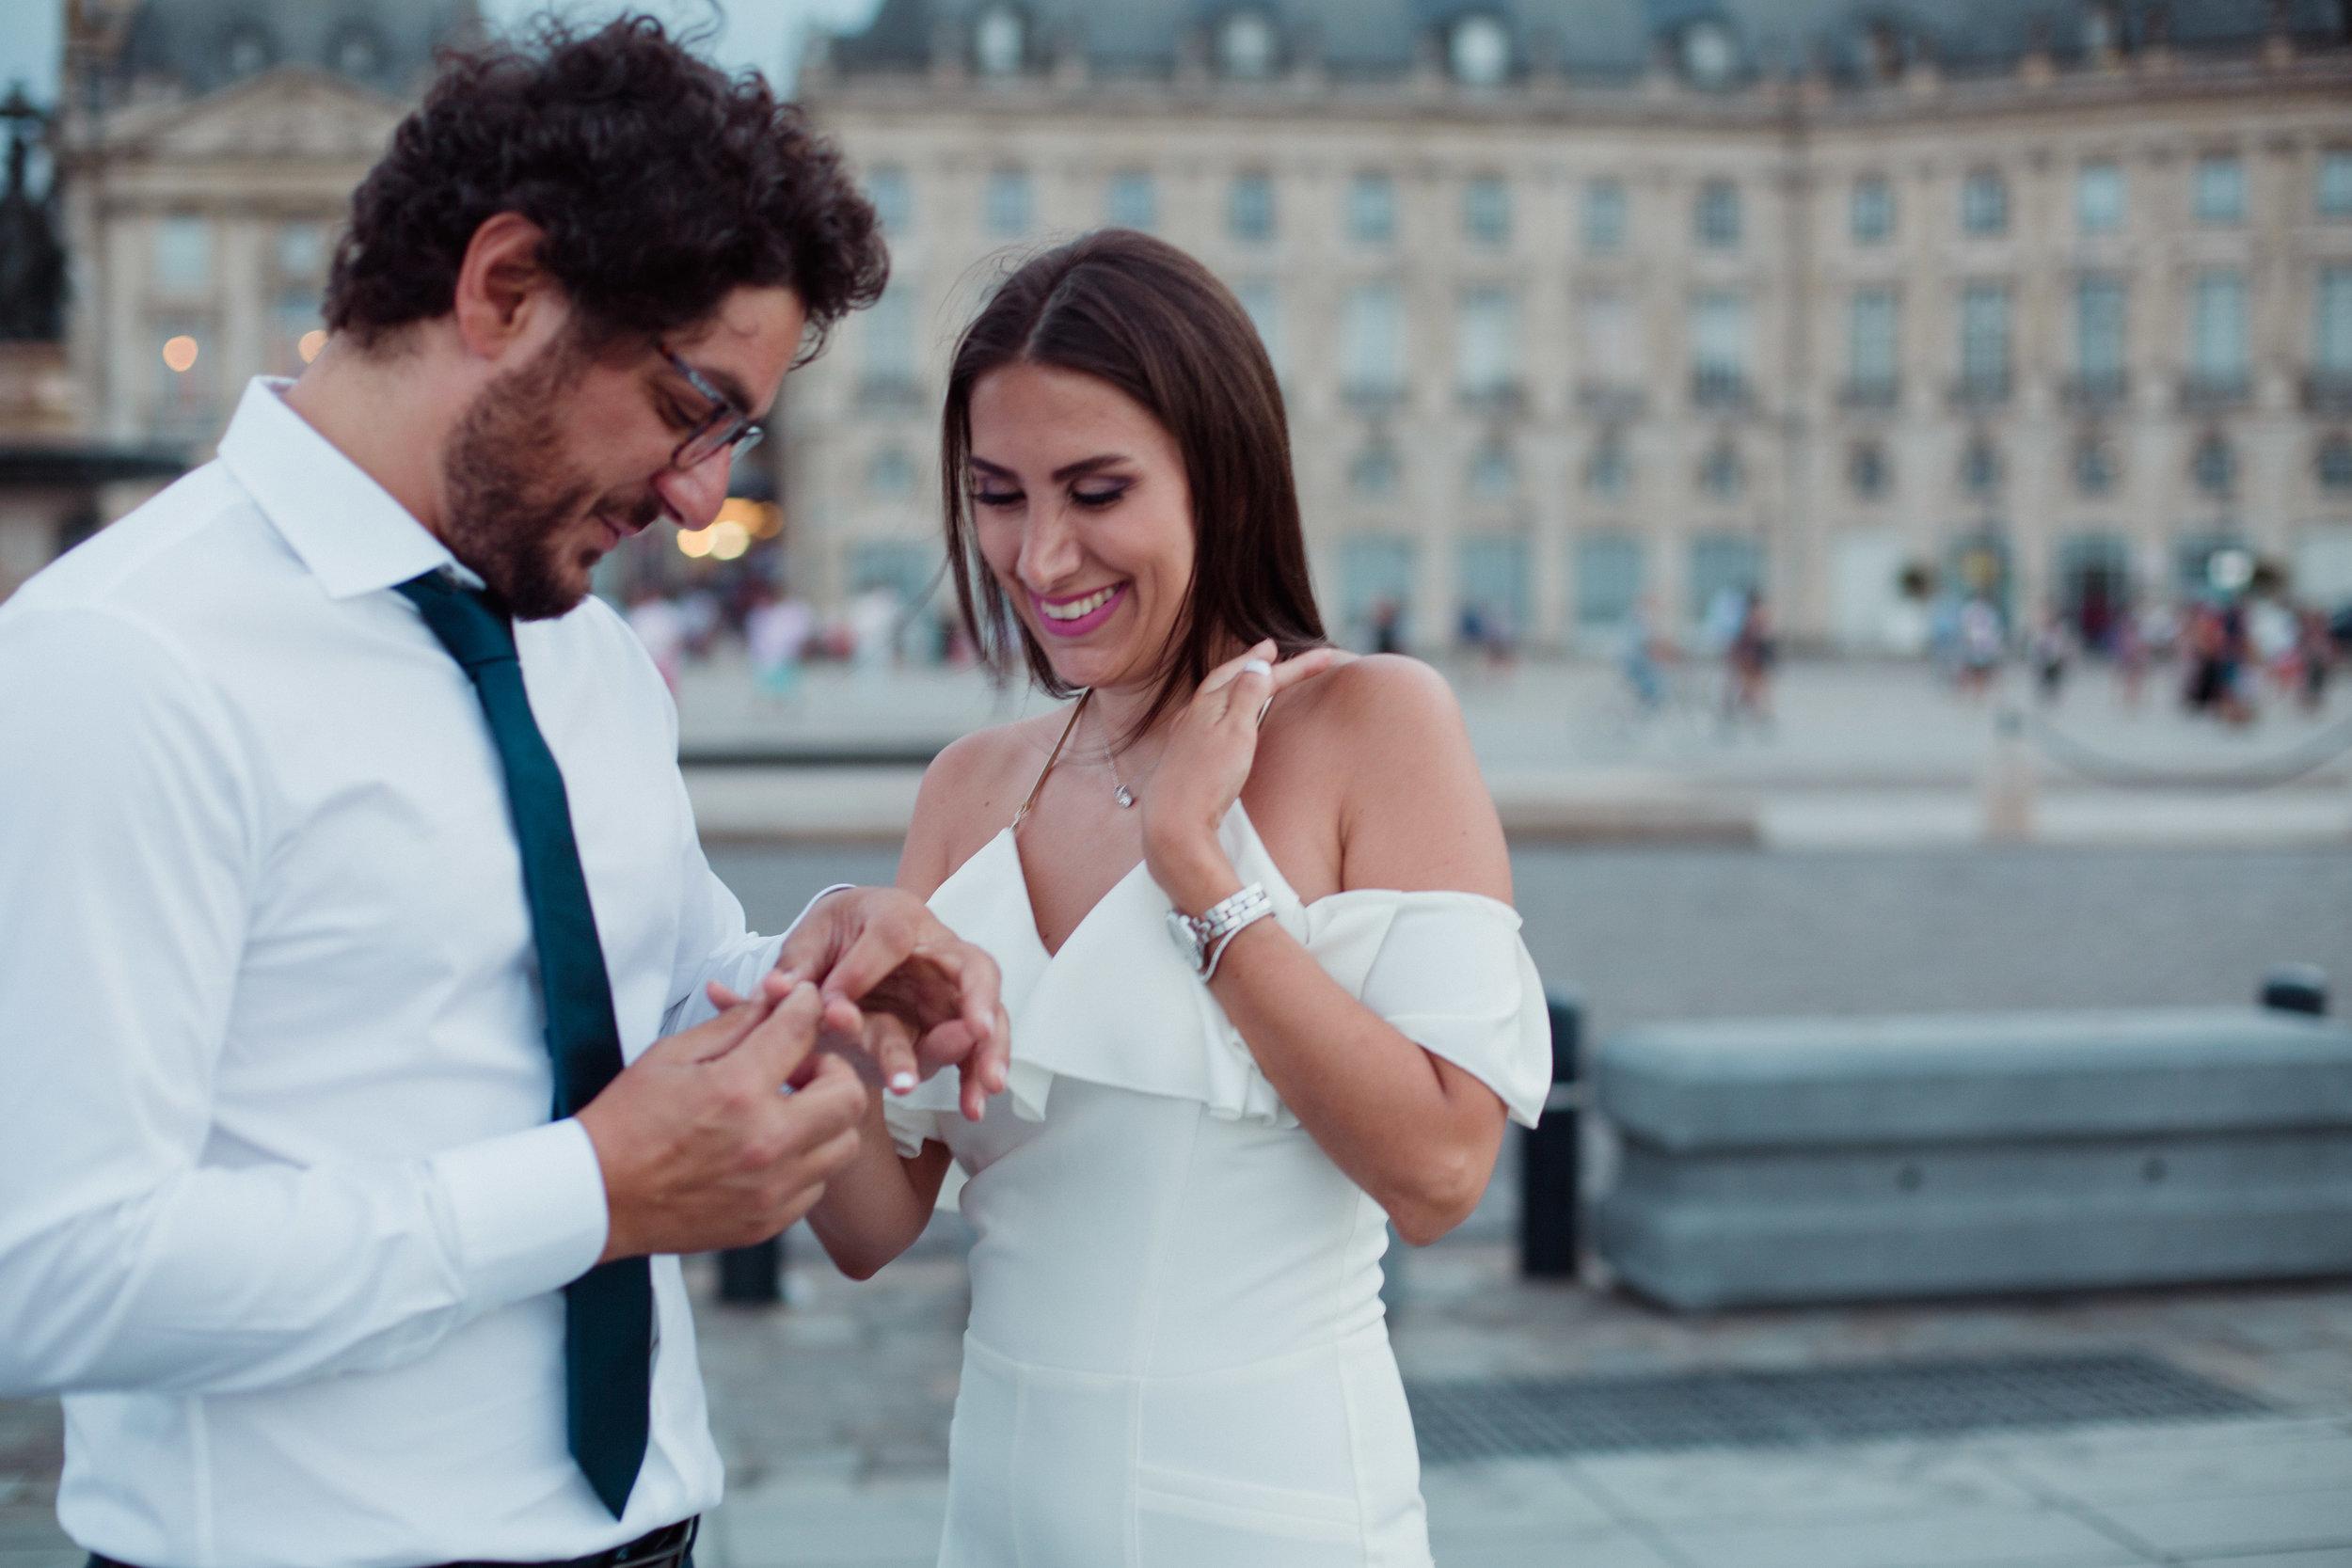 Seance-photo-couple-love-story-engagement-fiancailles-bordeaux-centre-balade-romantique-Pauline-Maroussia-P